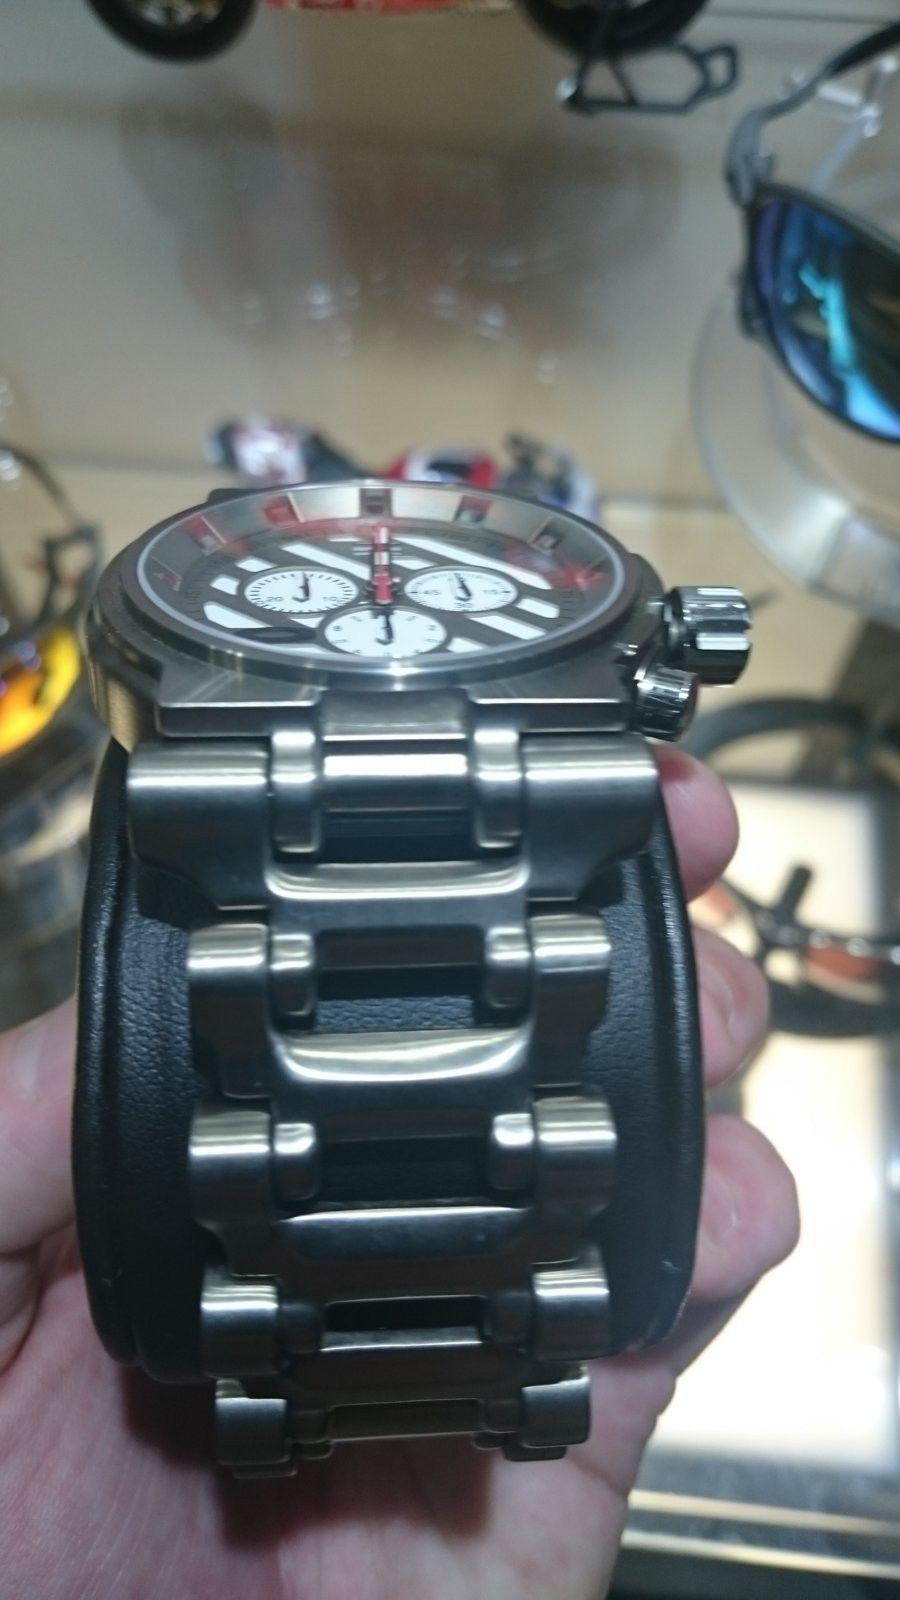 White face Hollowpoint watch - DSC_0941.JPG